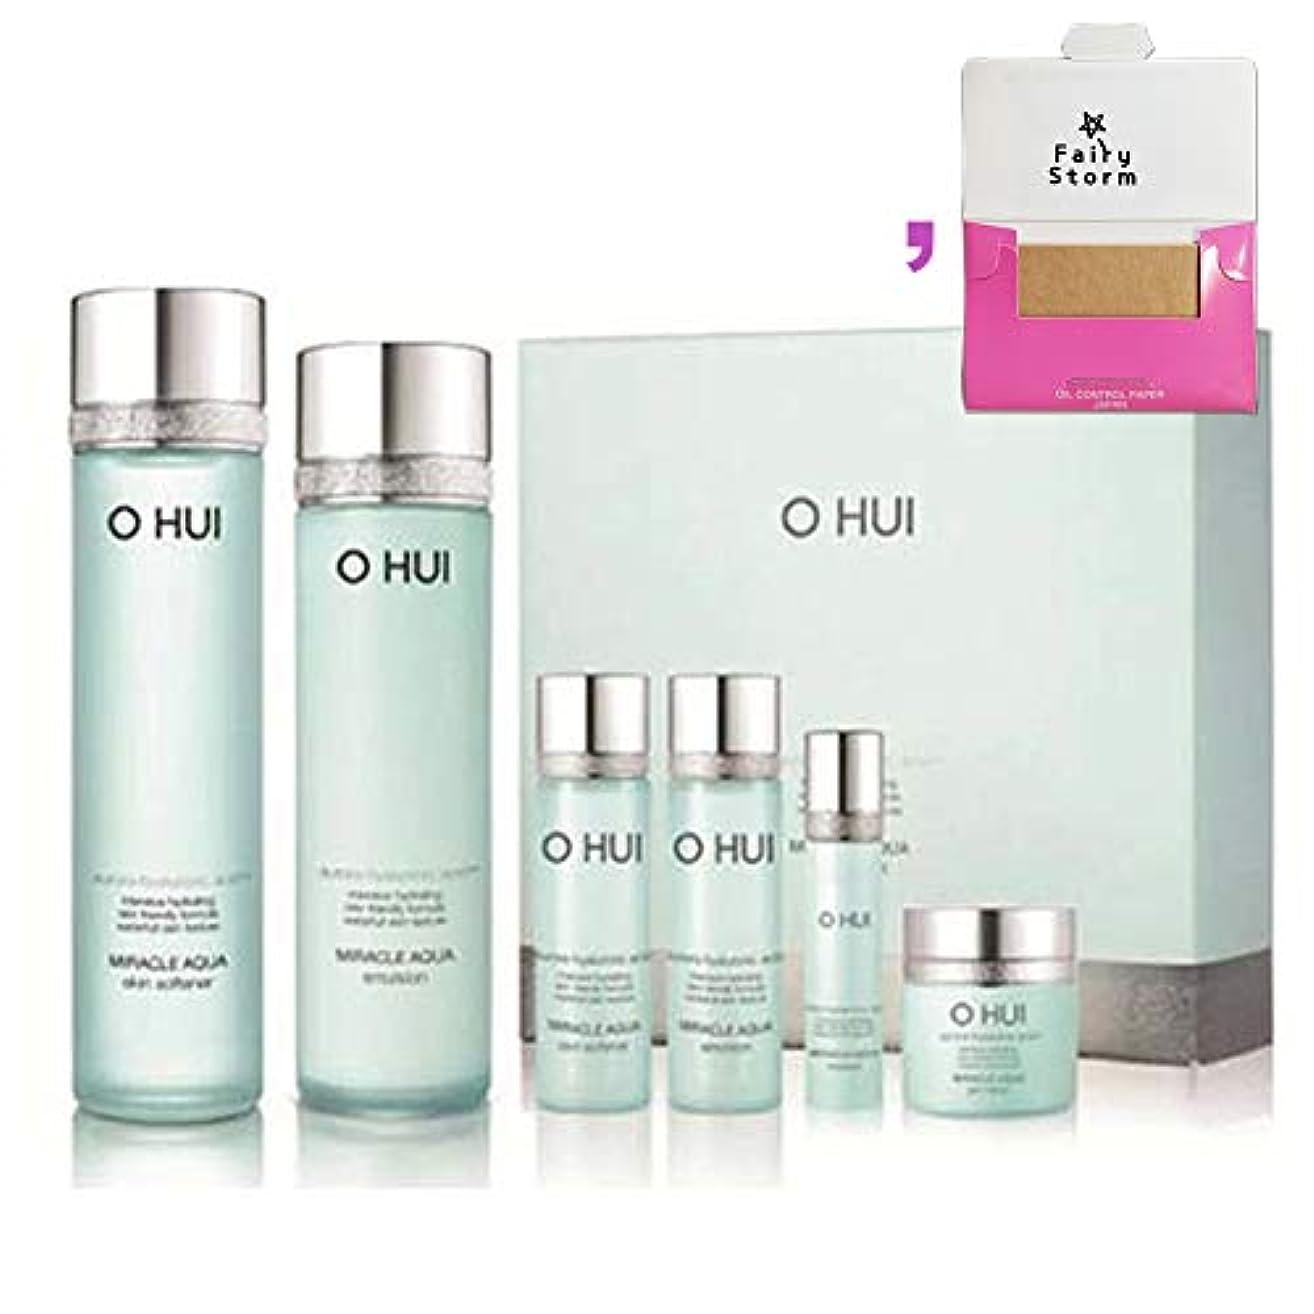 遺棄された機知に富んだライブ[オフィ/O HUI]韓国化粧品LG生活健康/O HUI MIRACLE AQUA SPECIAL 2EA SET/ミラクルアクア 2種セット+[Sample Gift](海外直送品)